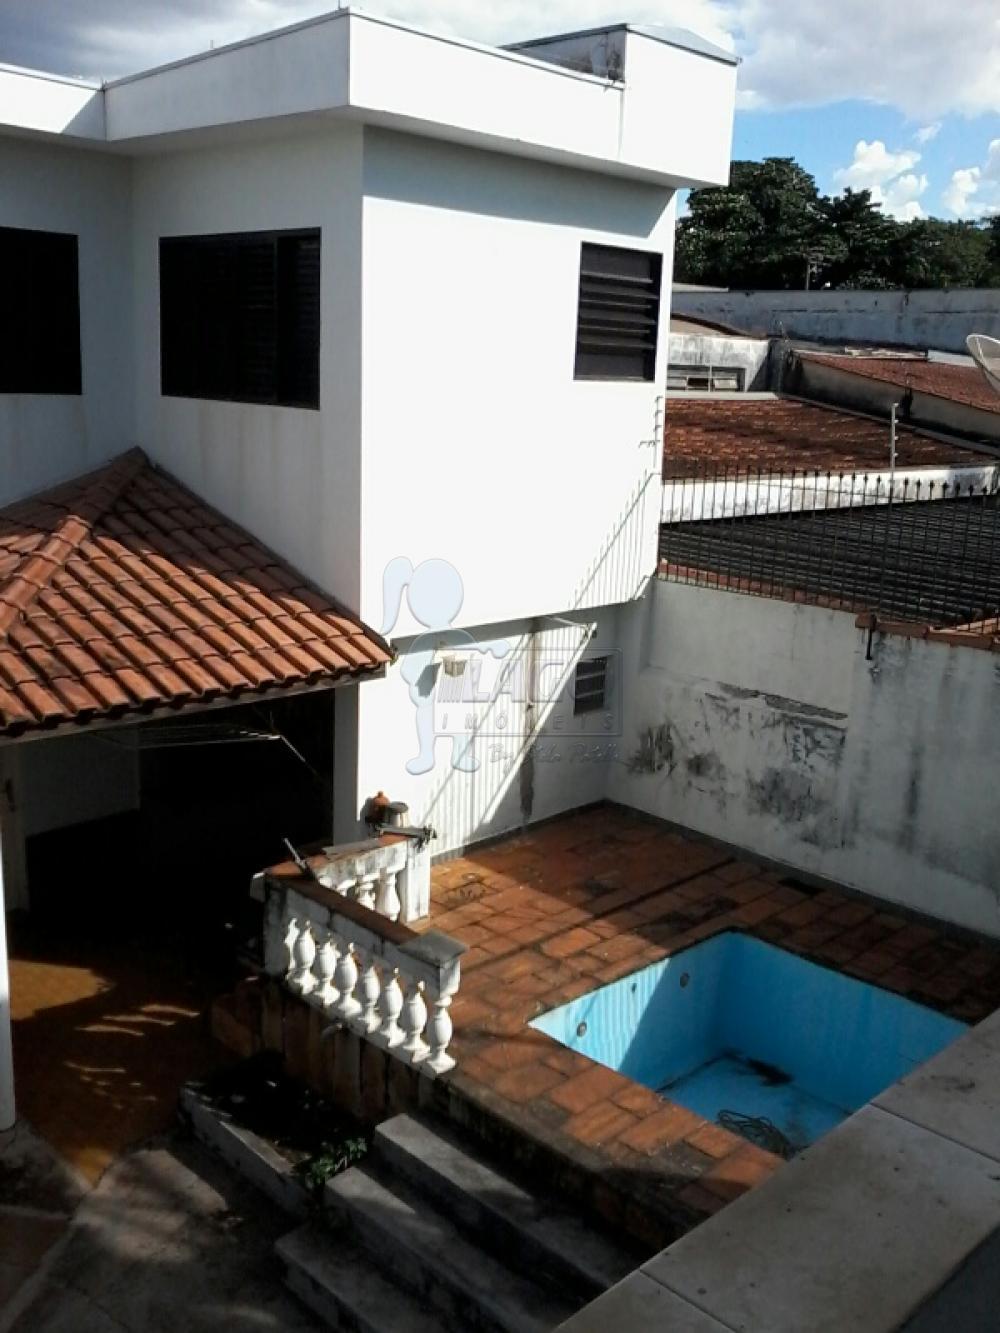 Comprar Casas / Padrão em Ribeirão Preto apenas R$ 750.000,00 - Foto 1